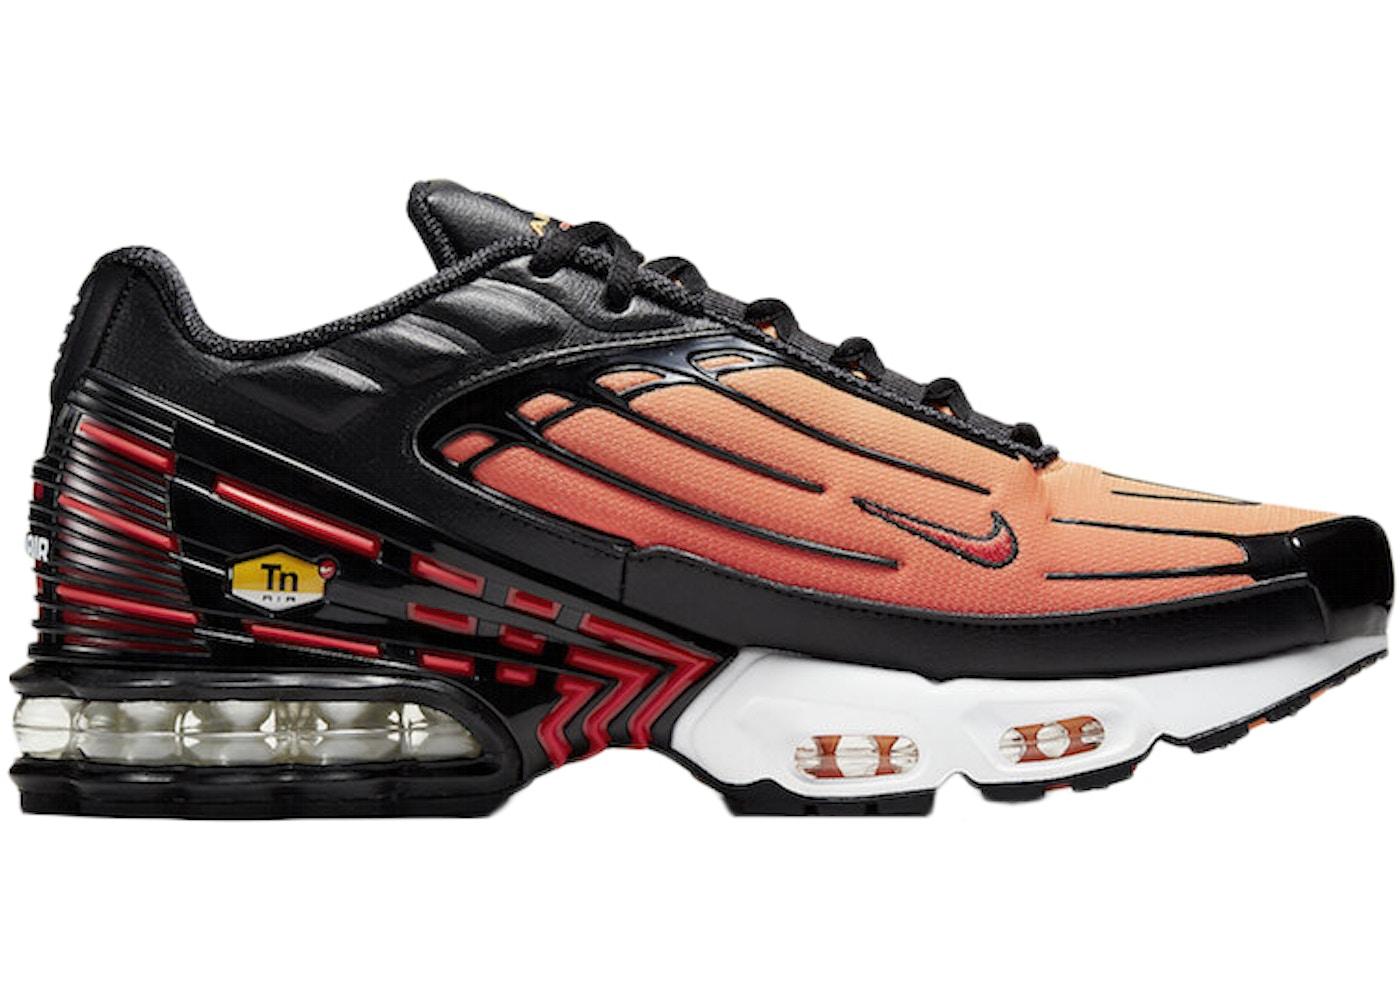 Denso Parcialmente ecuación  Nike Air Max Plus III Tiger Black - CD7005-001